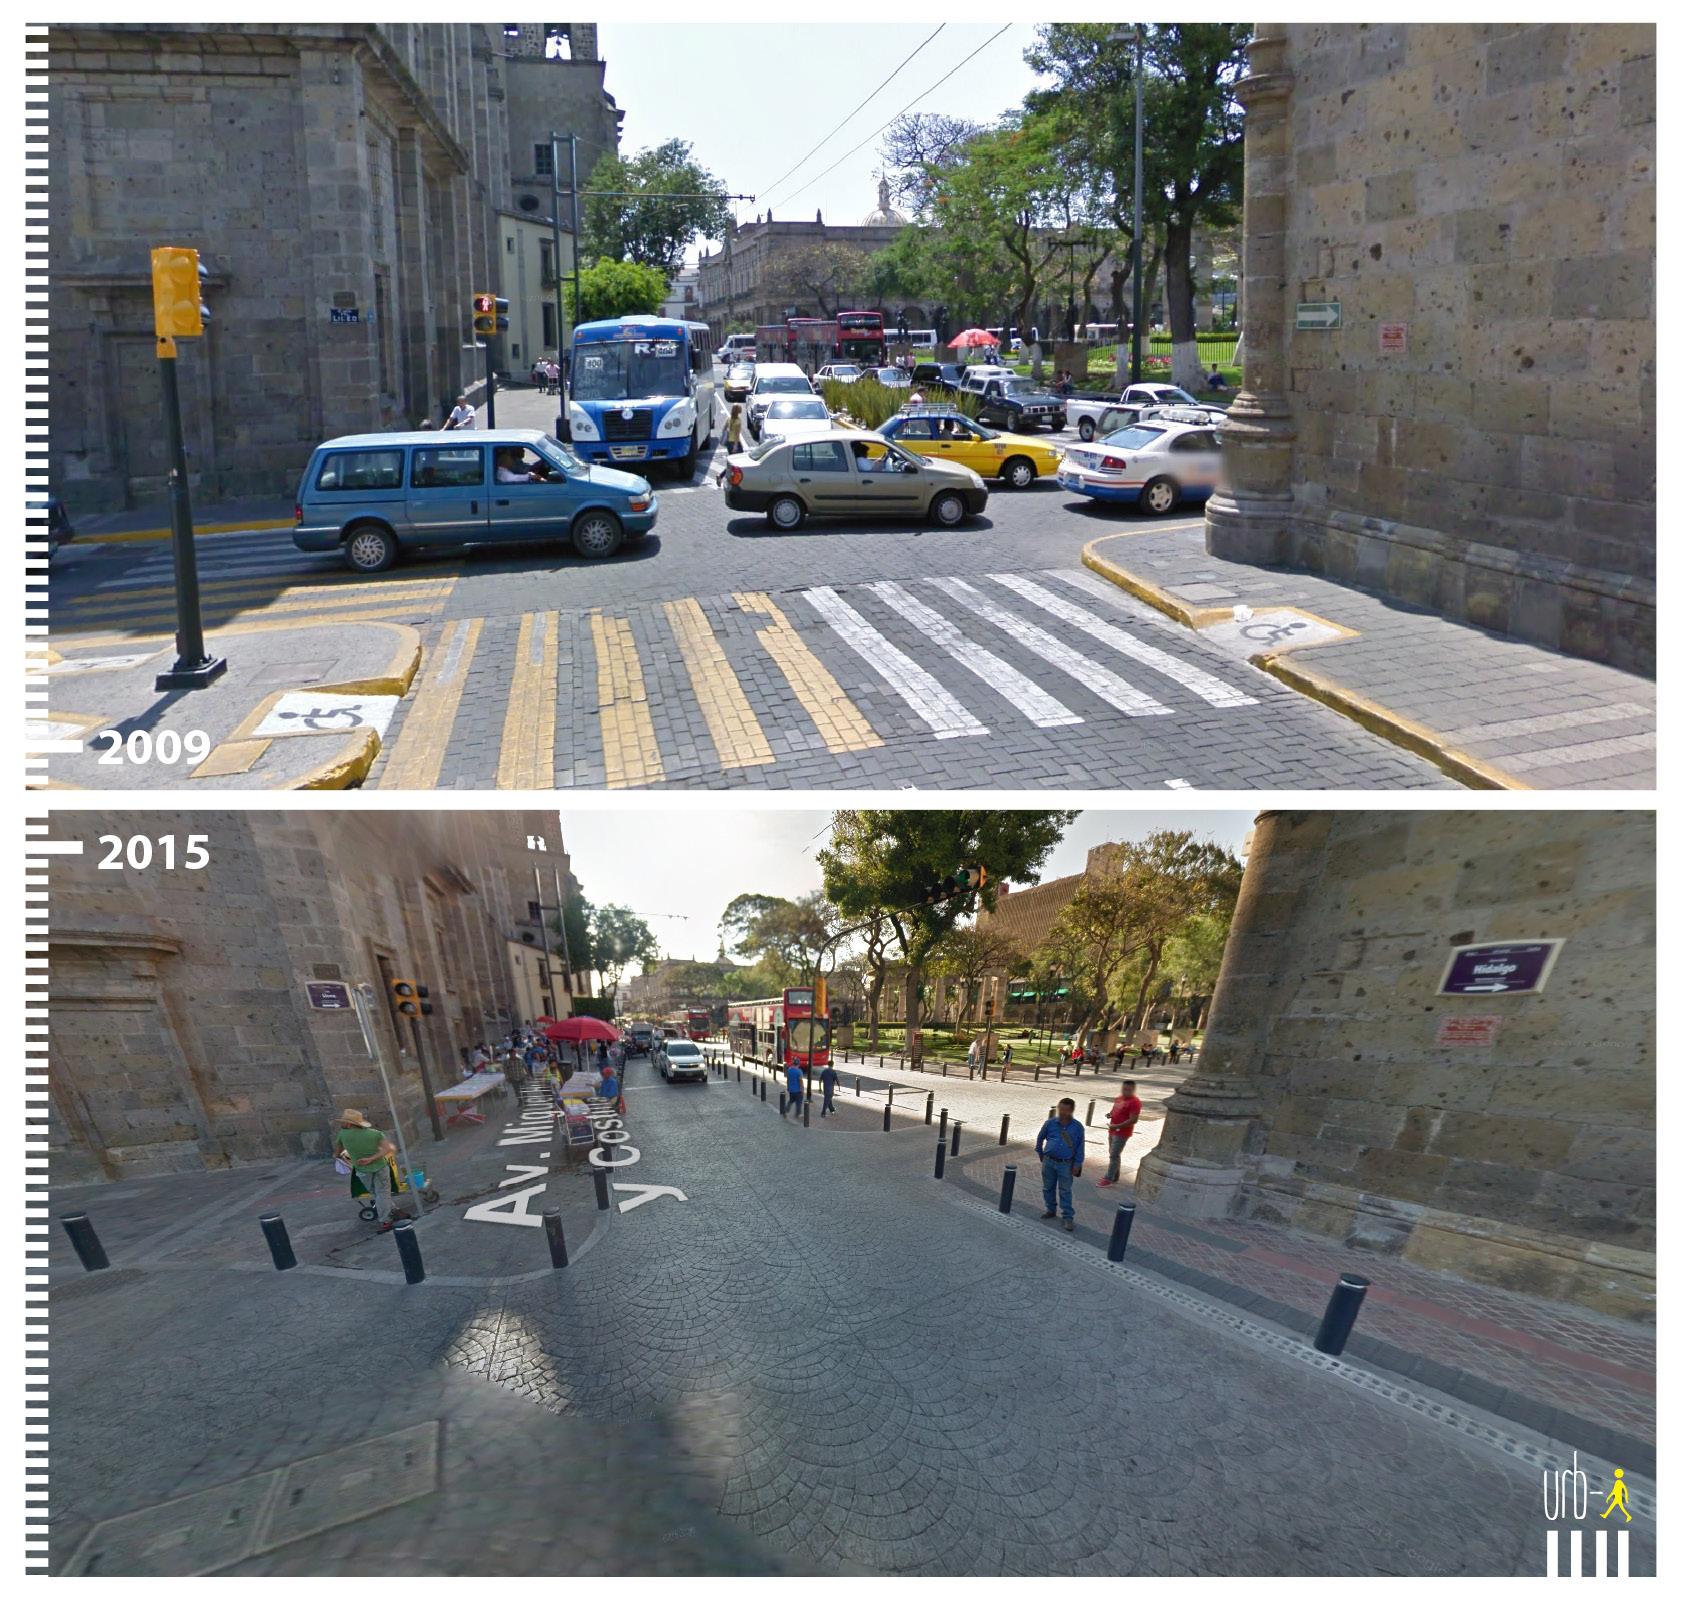 0817 MX Guadalajara, Av. Miguel Hidalgo y Costilla